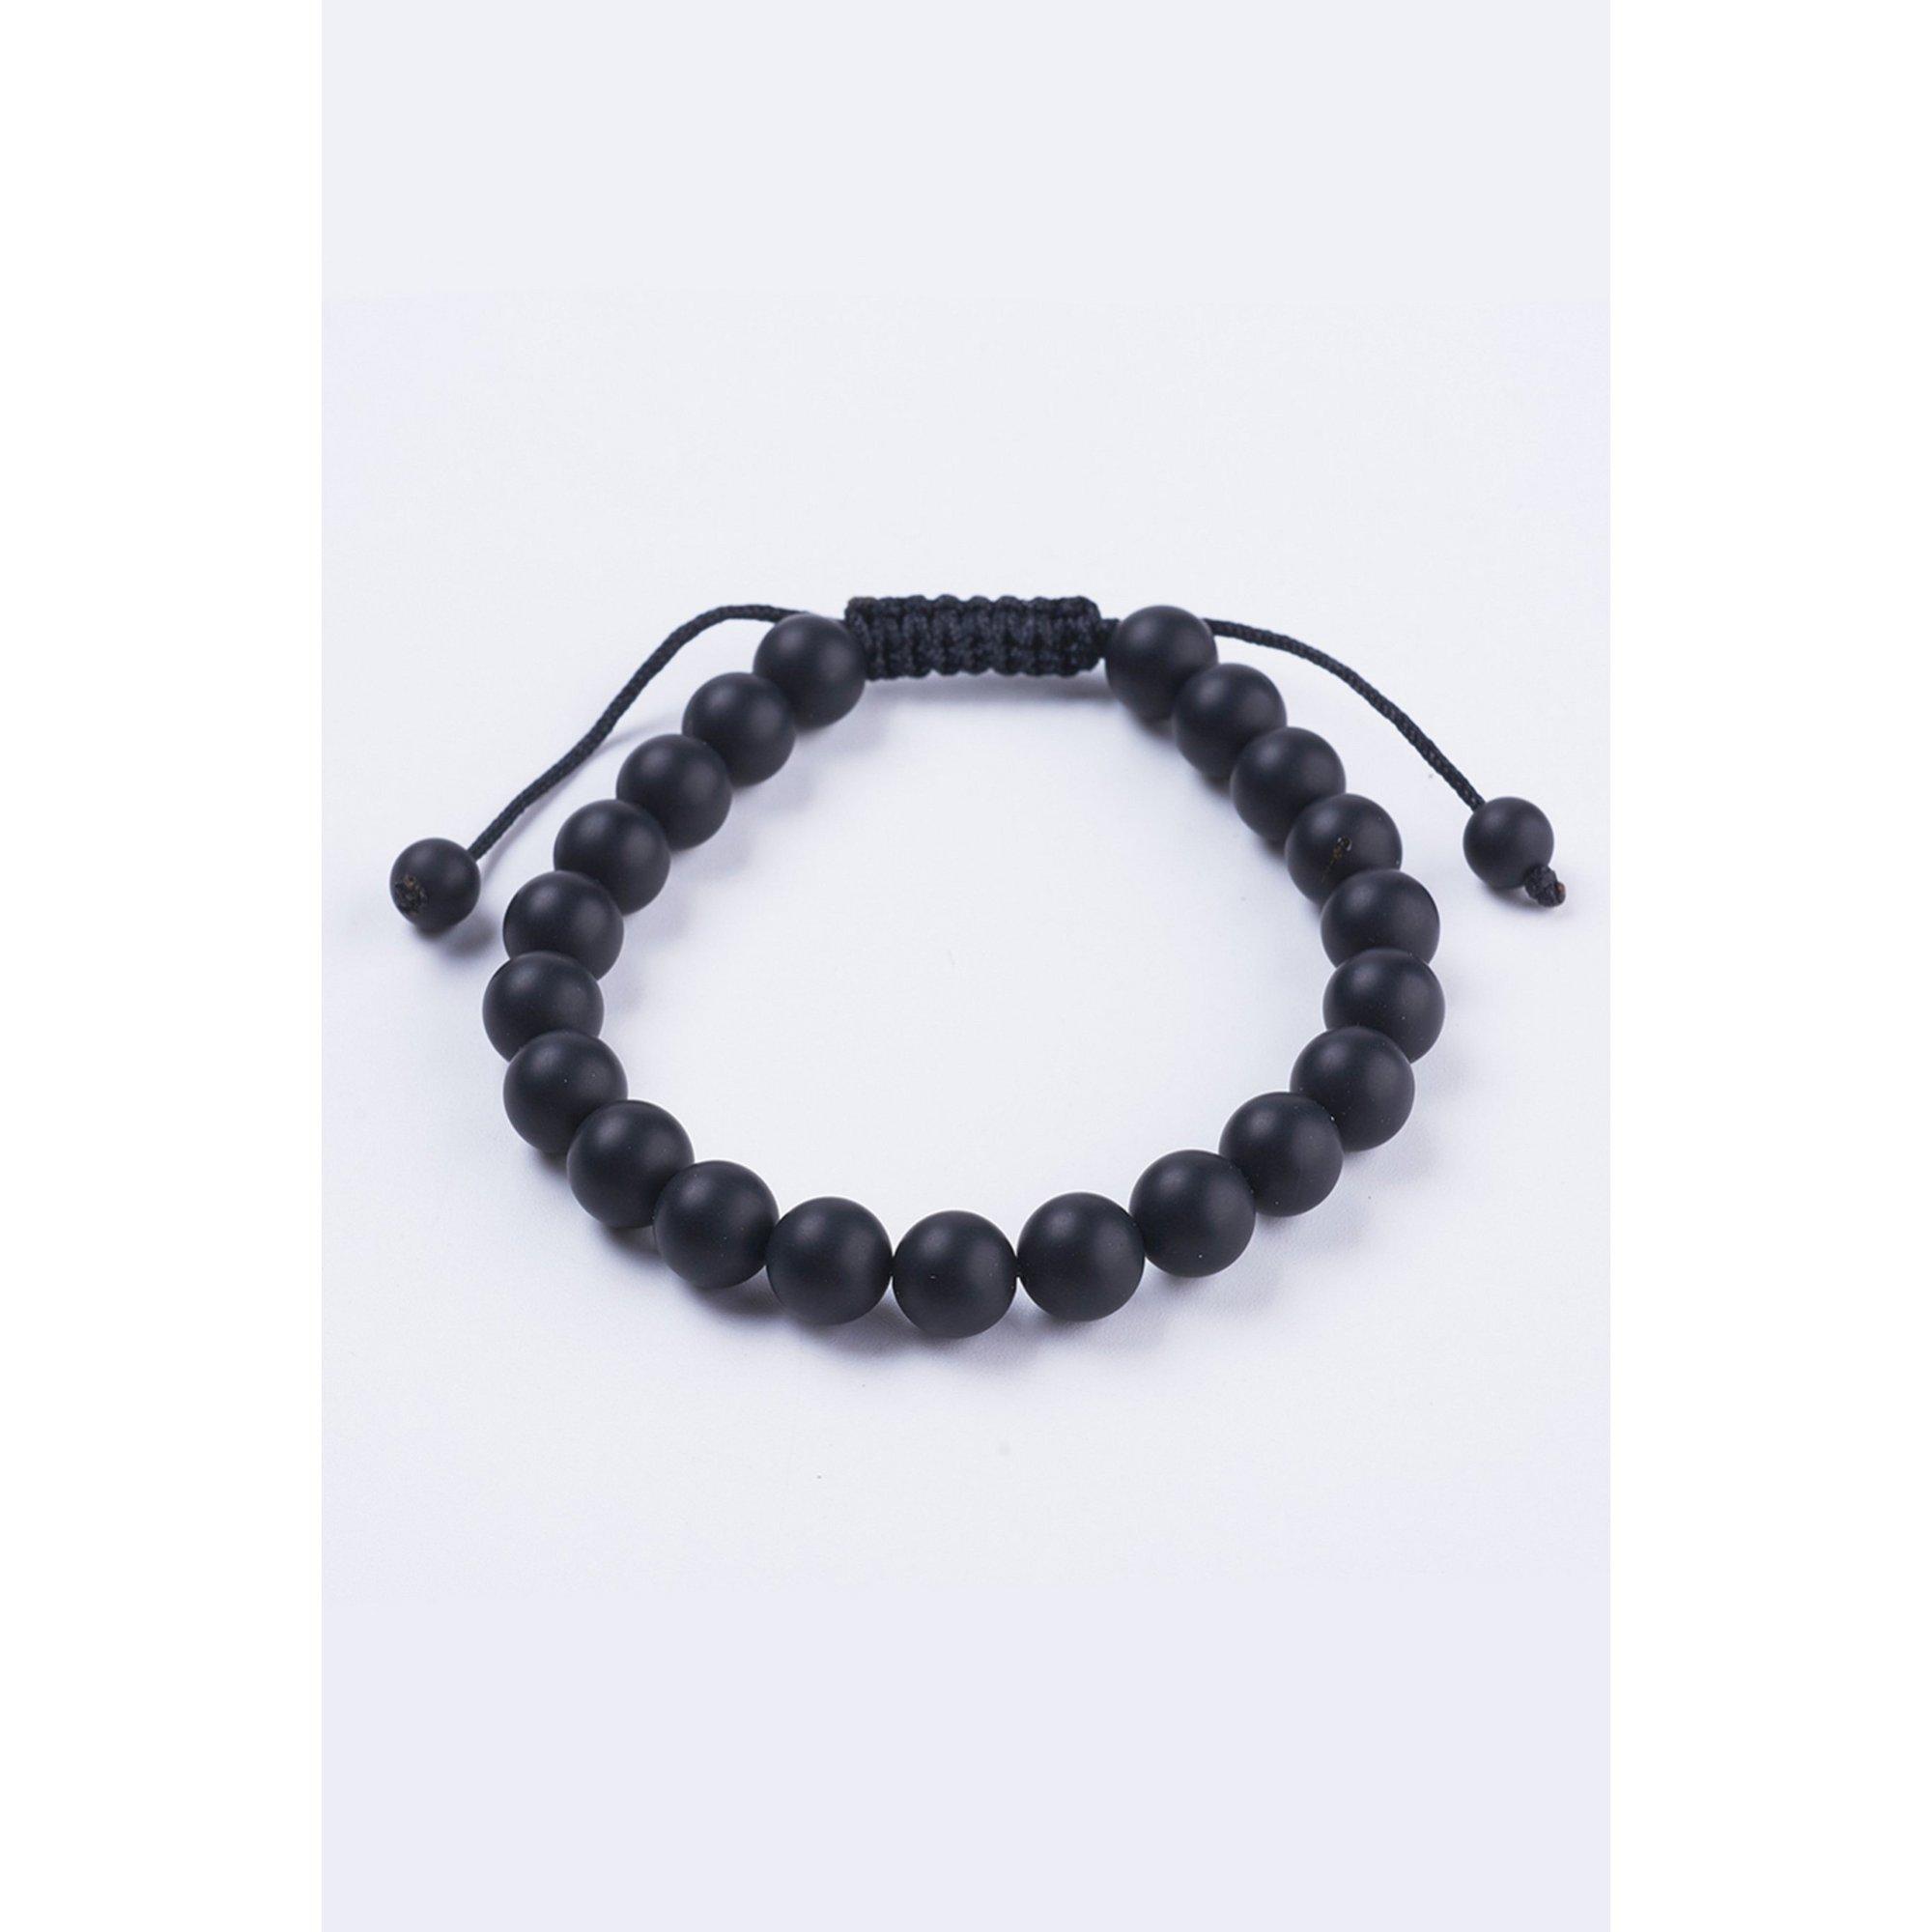 Image of Black Agate Bracelet